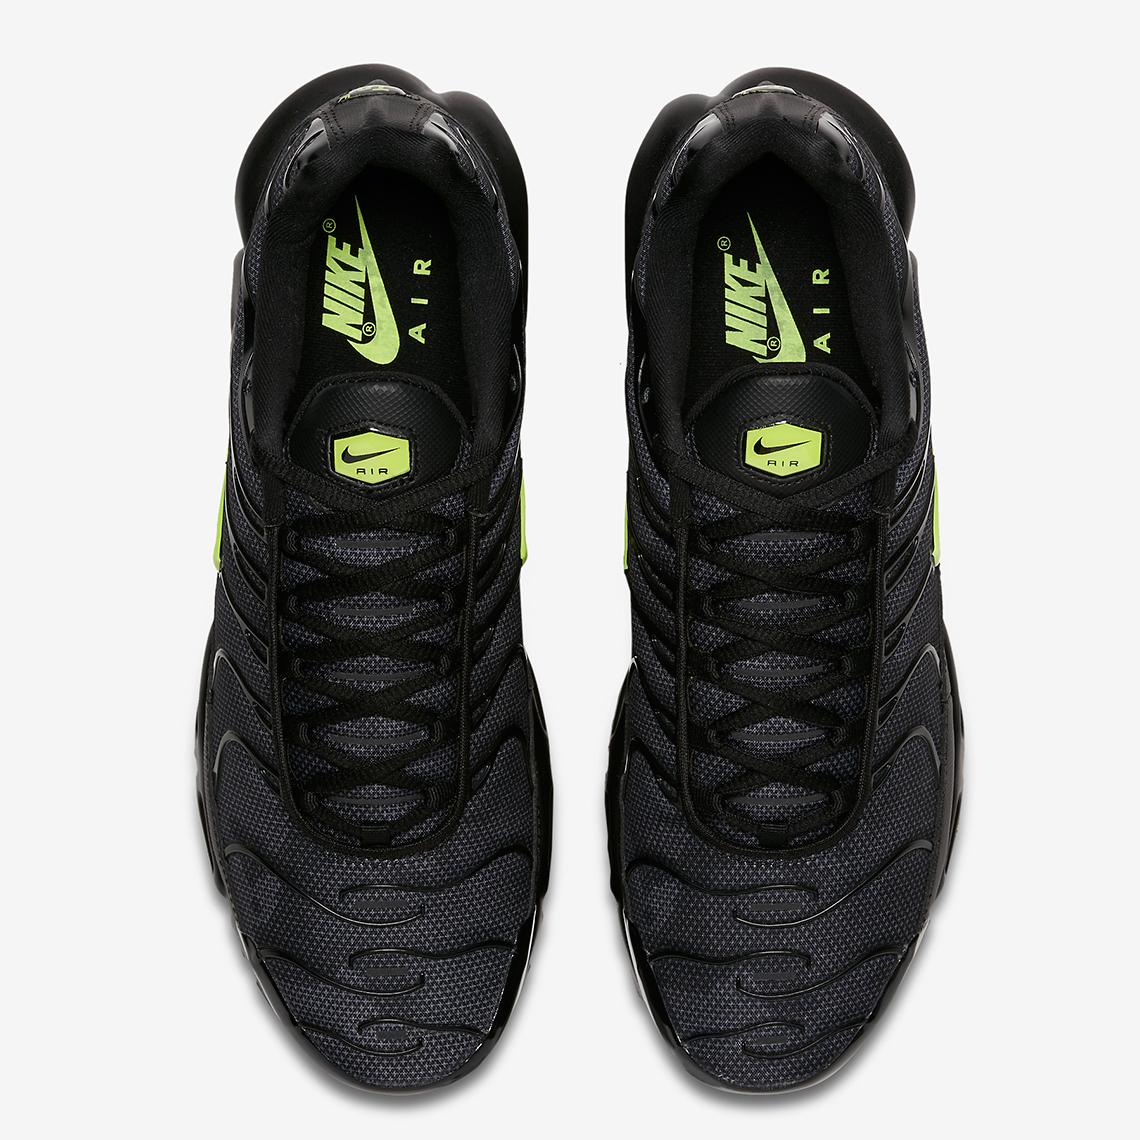 Nike Air Max 2018 Las Fechas De Lanzamiento 9MIaJimcd5